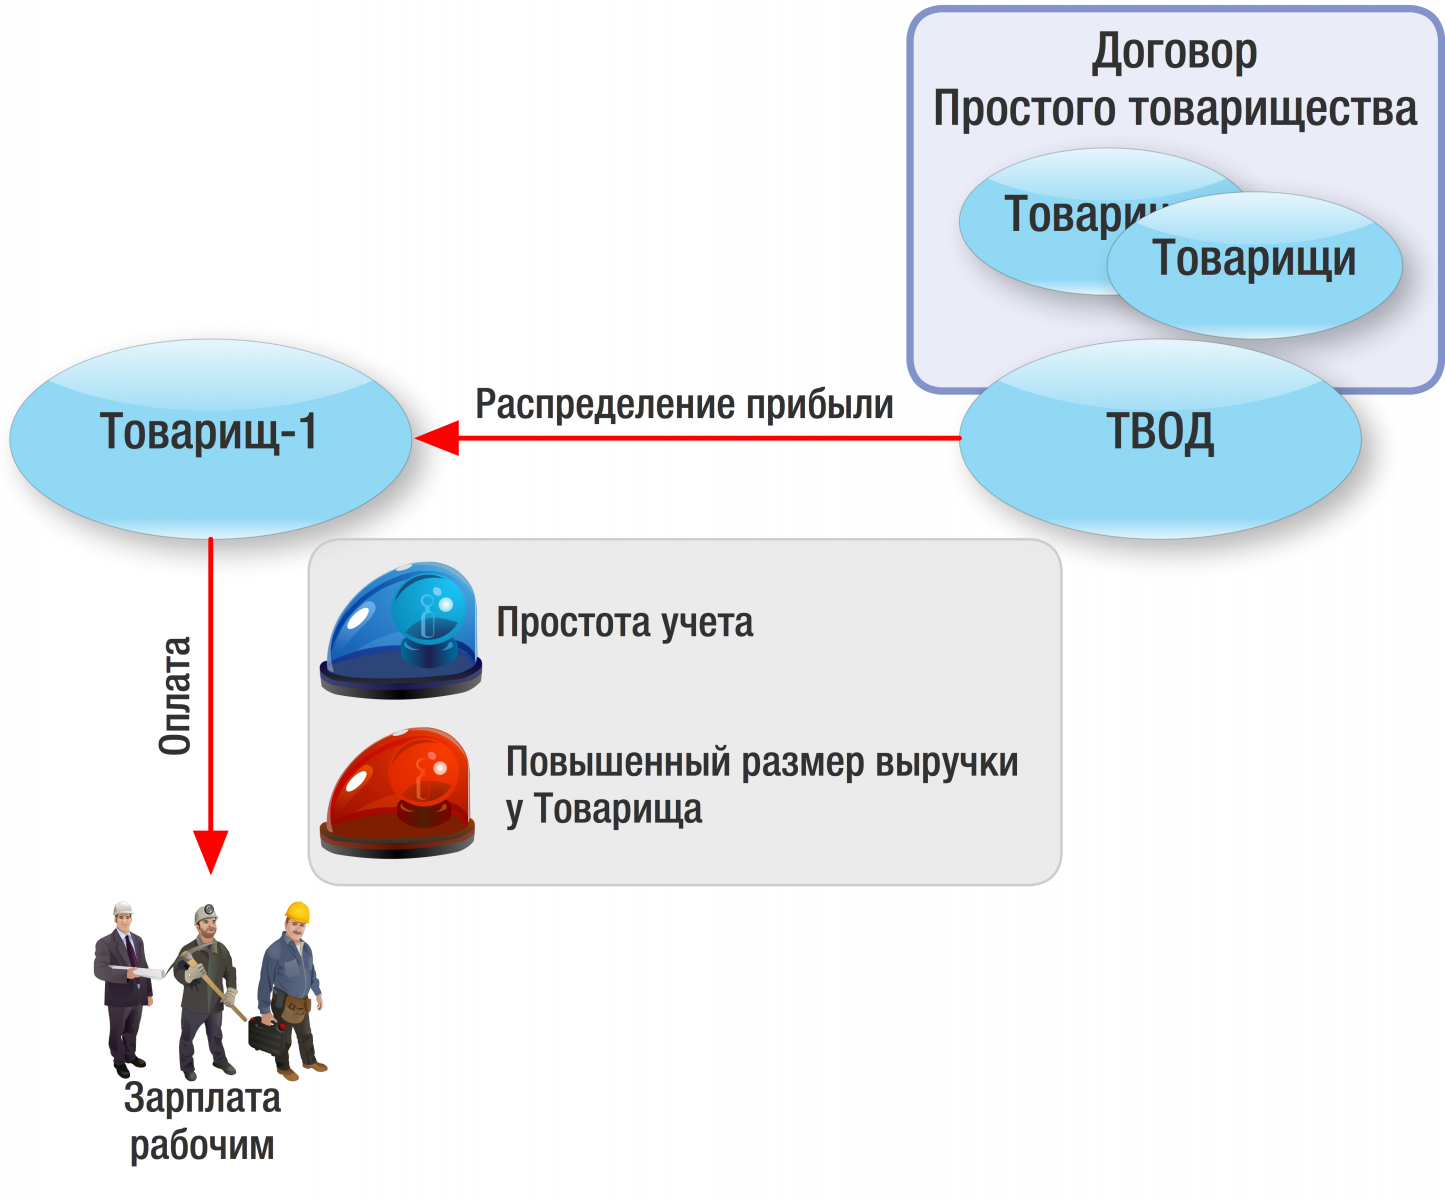 zp-tovarischestvo1.png